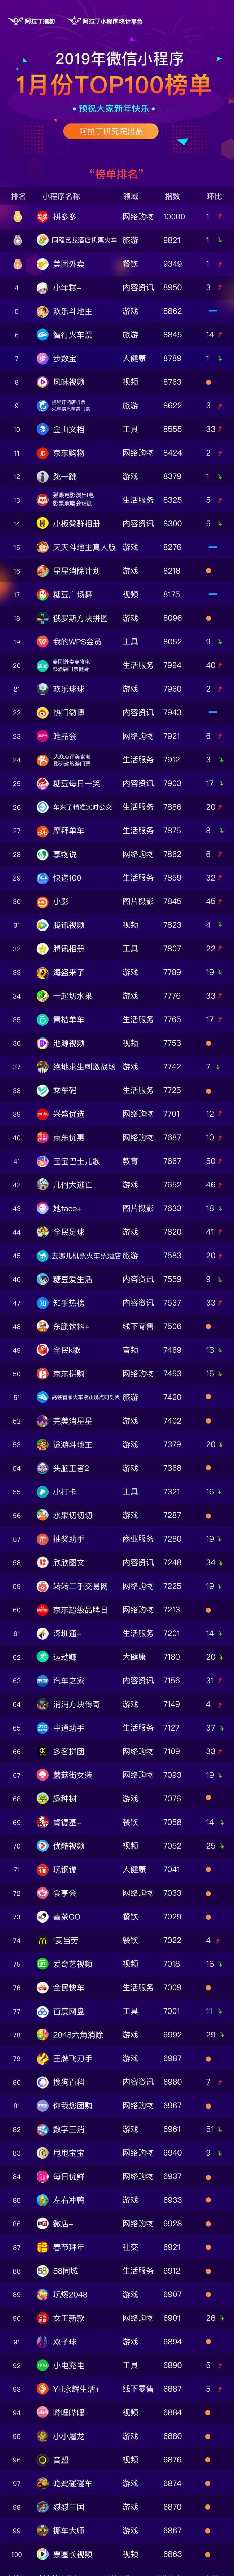 阿拉丁1月TOP100榜單發布